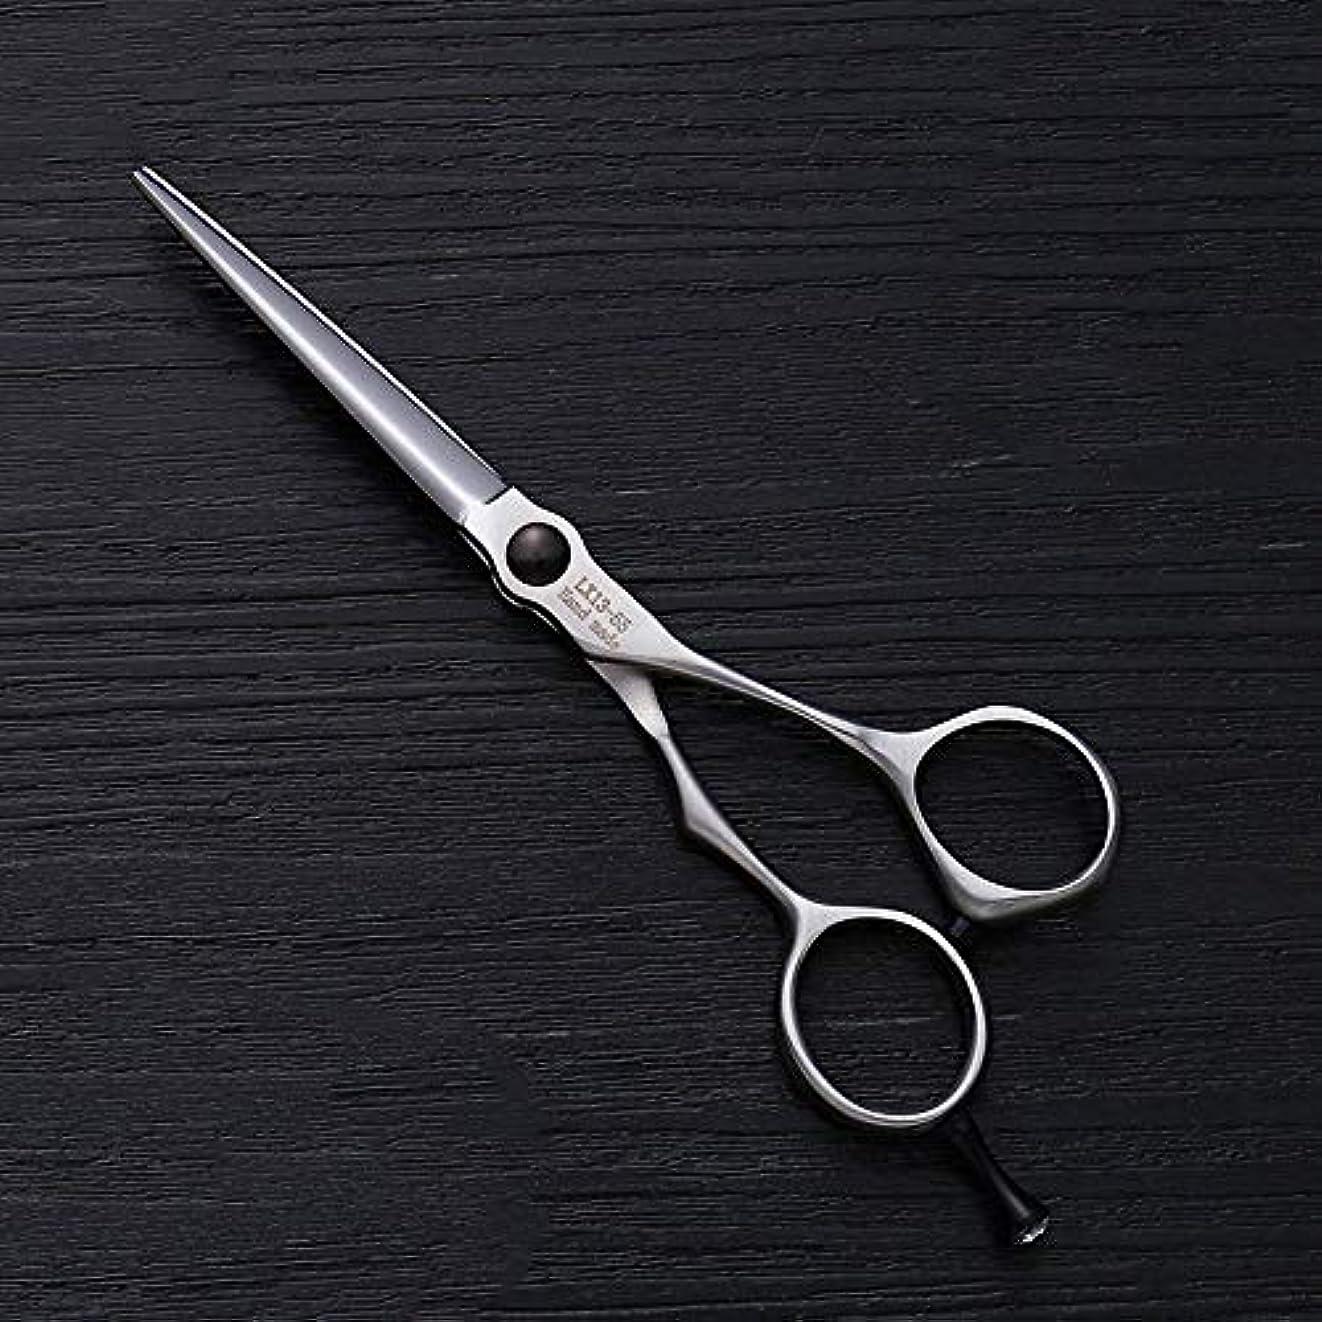 失礼な作成者公式理髪用はさみ 5.5インチの理髪はさみステンレス鋼の平らなせん断前髪はさみ毛の切断はさみステンレス理髪はさみ (色 : Silver)